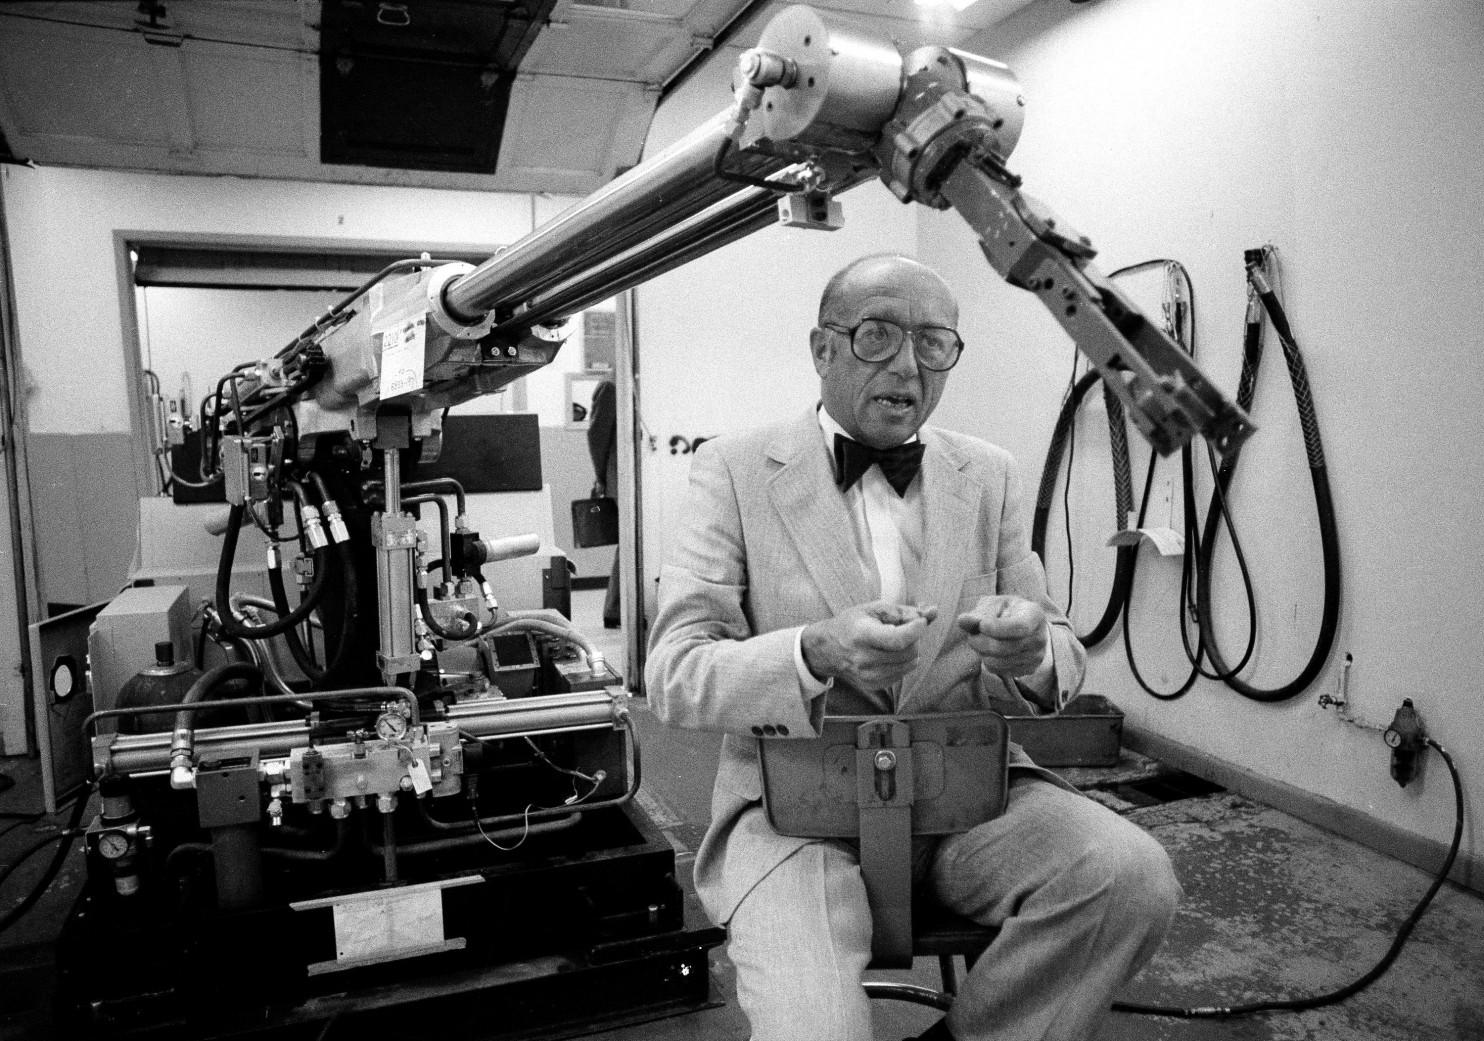 Промышленной роботехнике — 57 лет! Вспомним, откуда ведется отсчет - 3